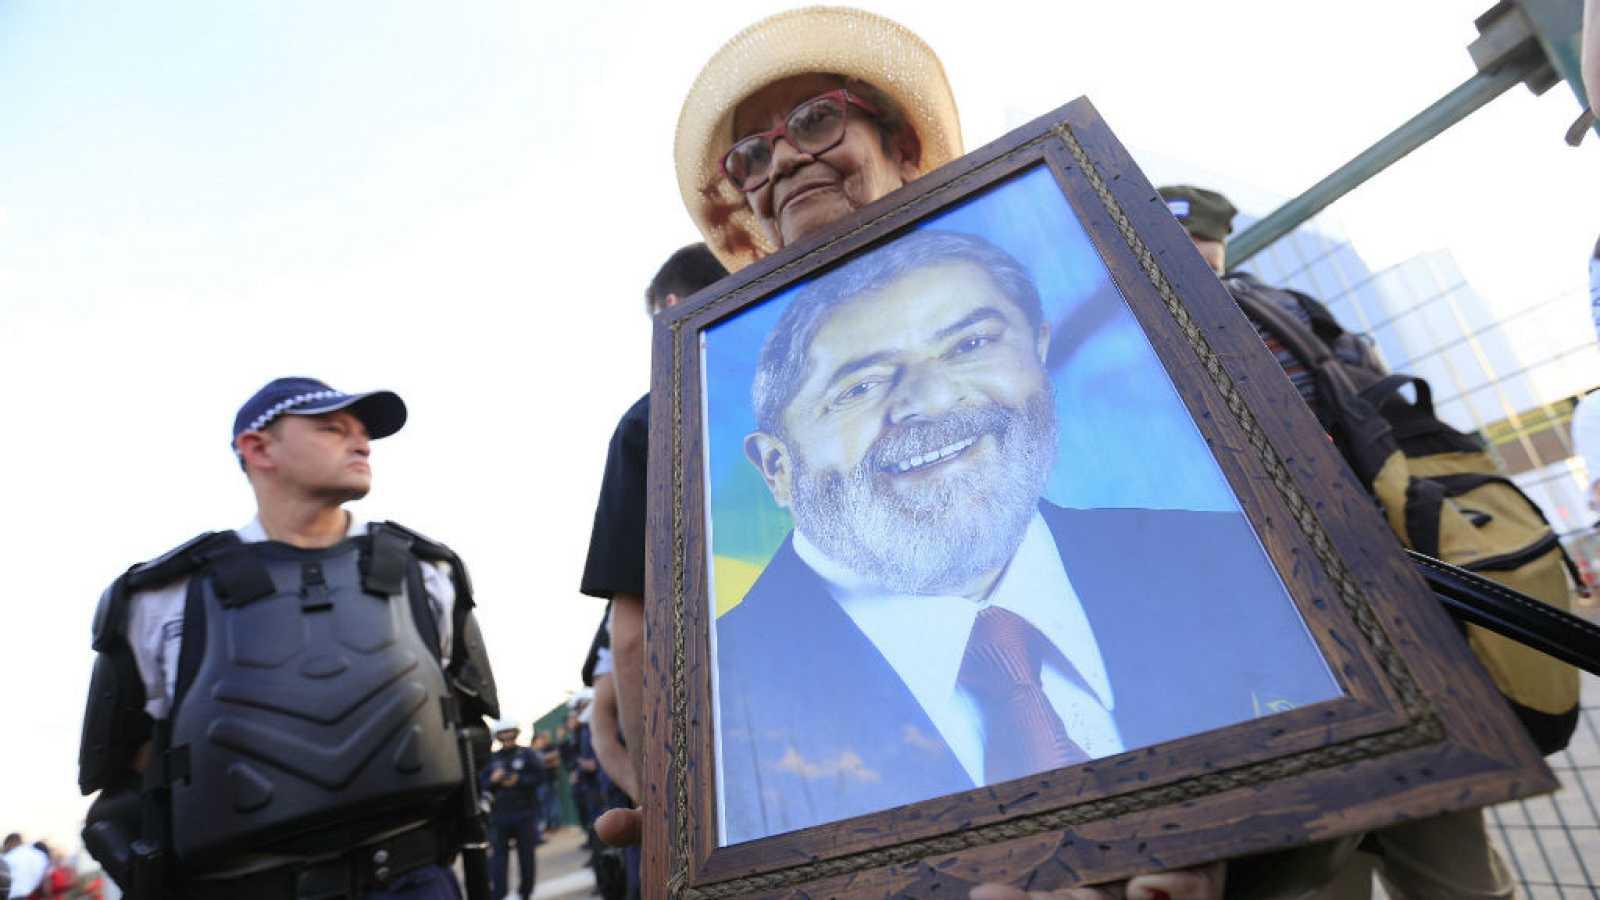 Cinco continentes - Brasil arranca la campaña más tensa - 16/08/18 - Escuchar ahora